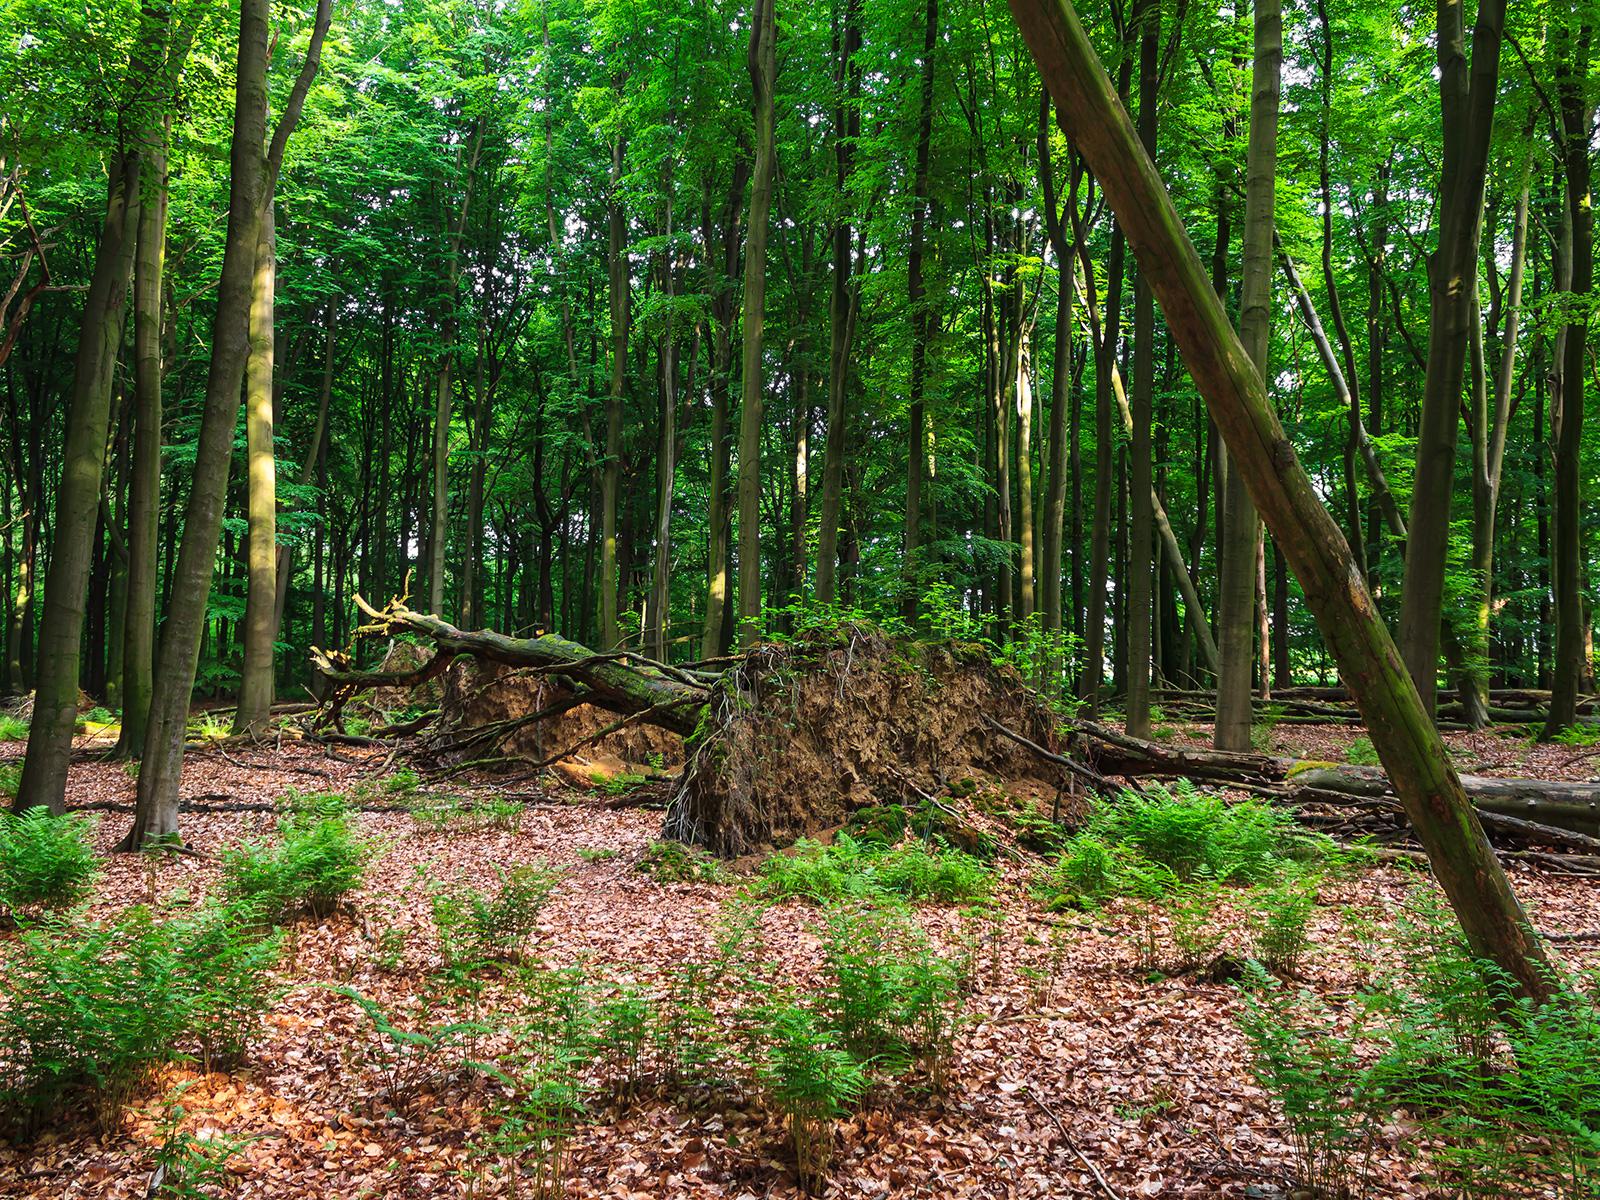 senkrechte Wurzelteller und liegende tote Bäume